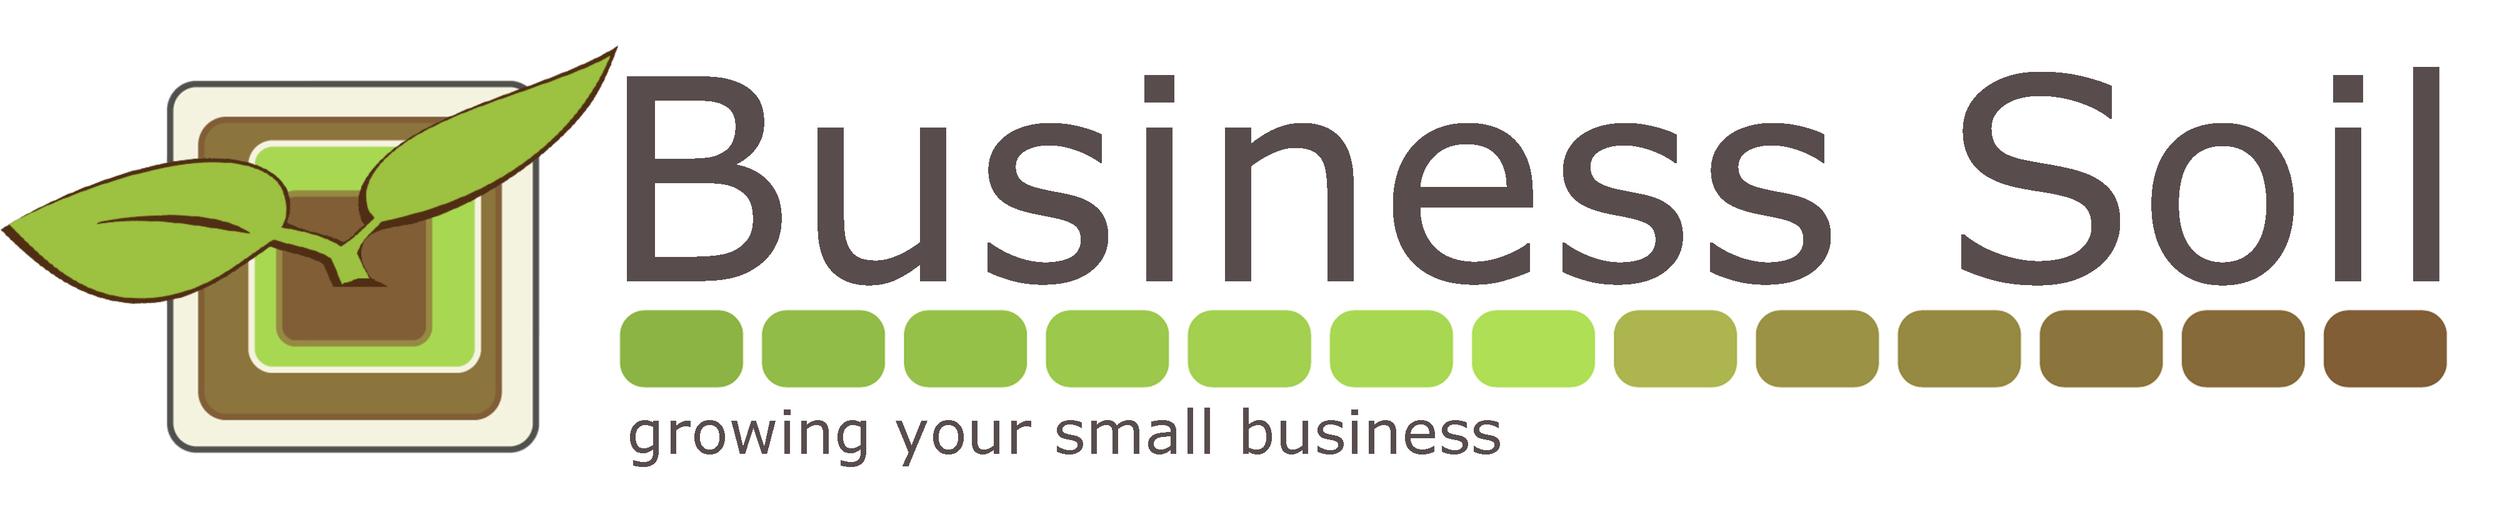 Business Soil